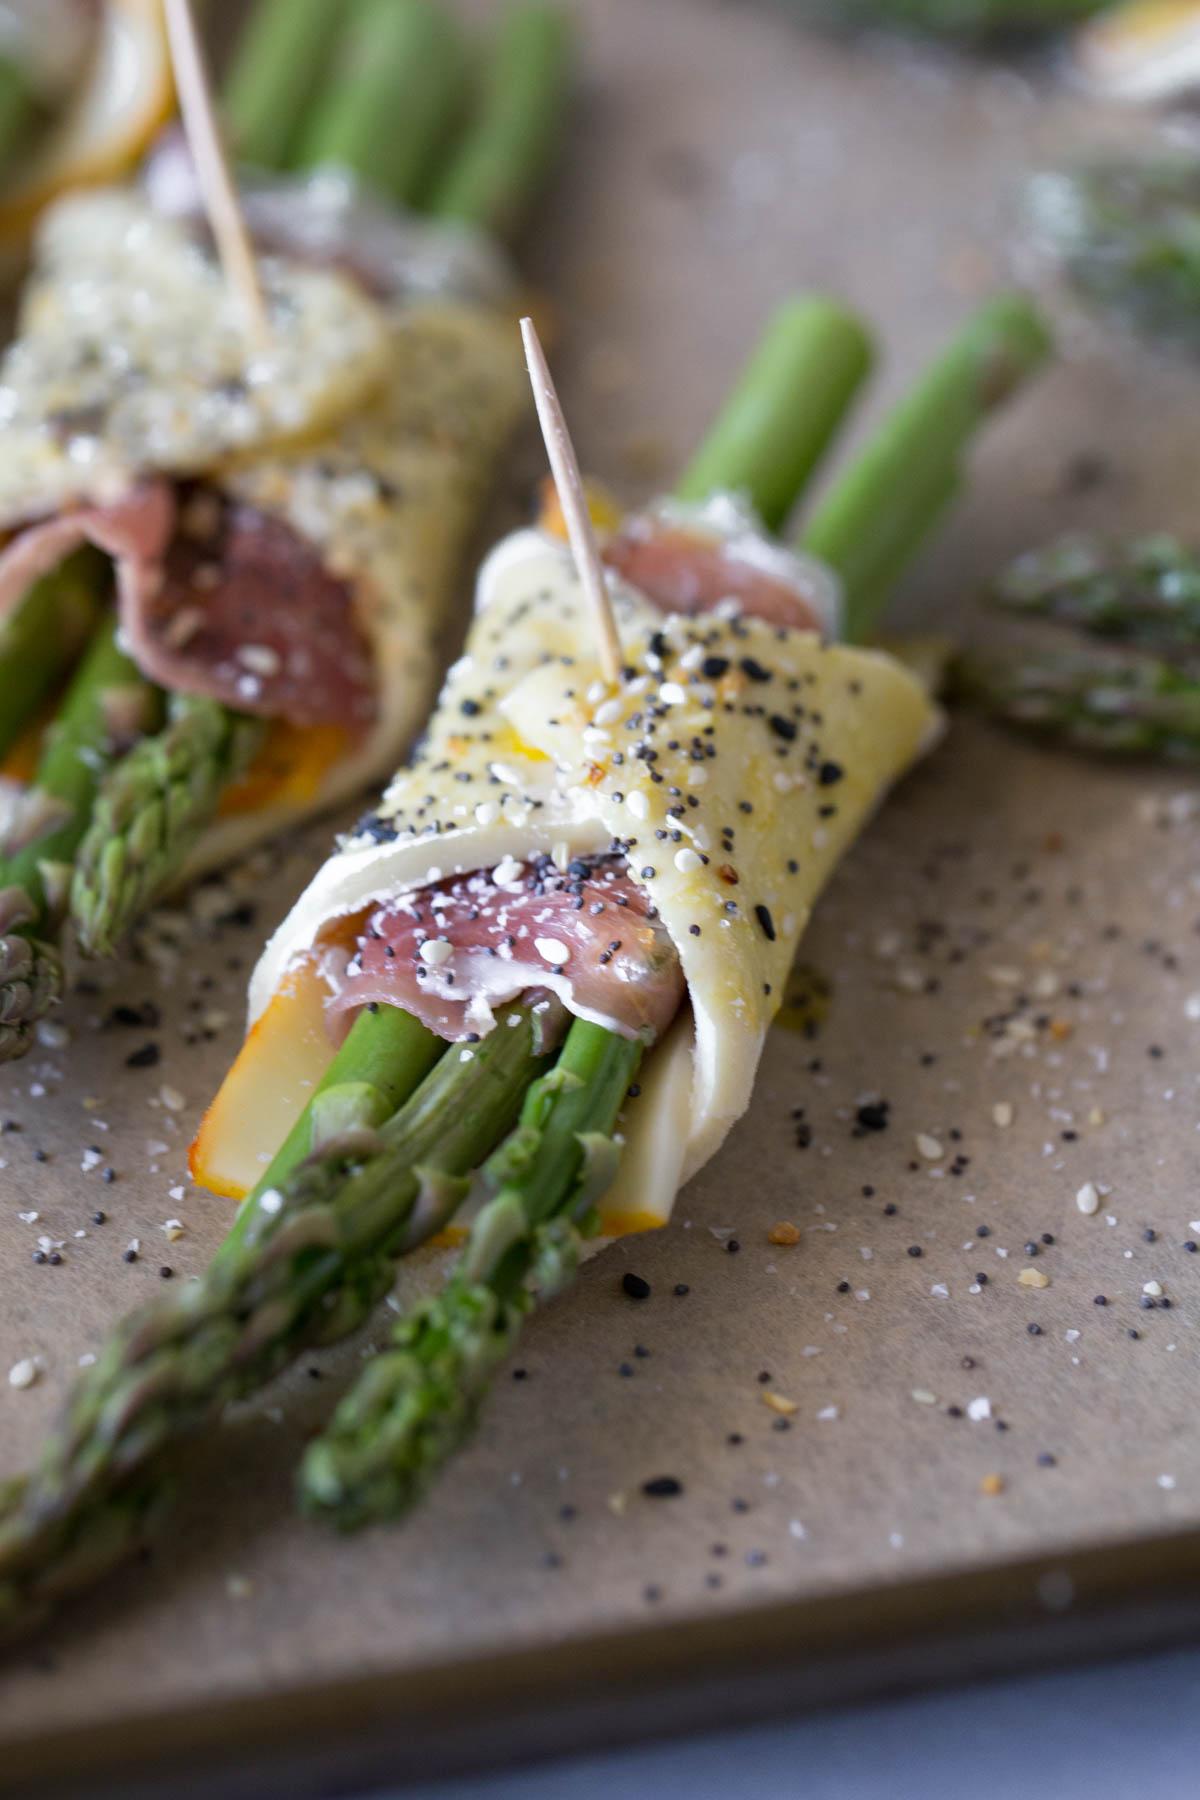 Close up view of uncooked asparagus bundles on parchment paper.